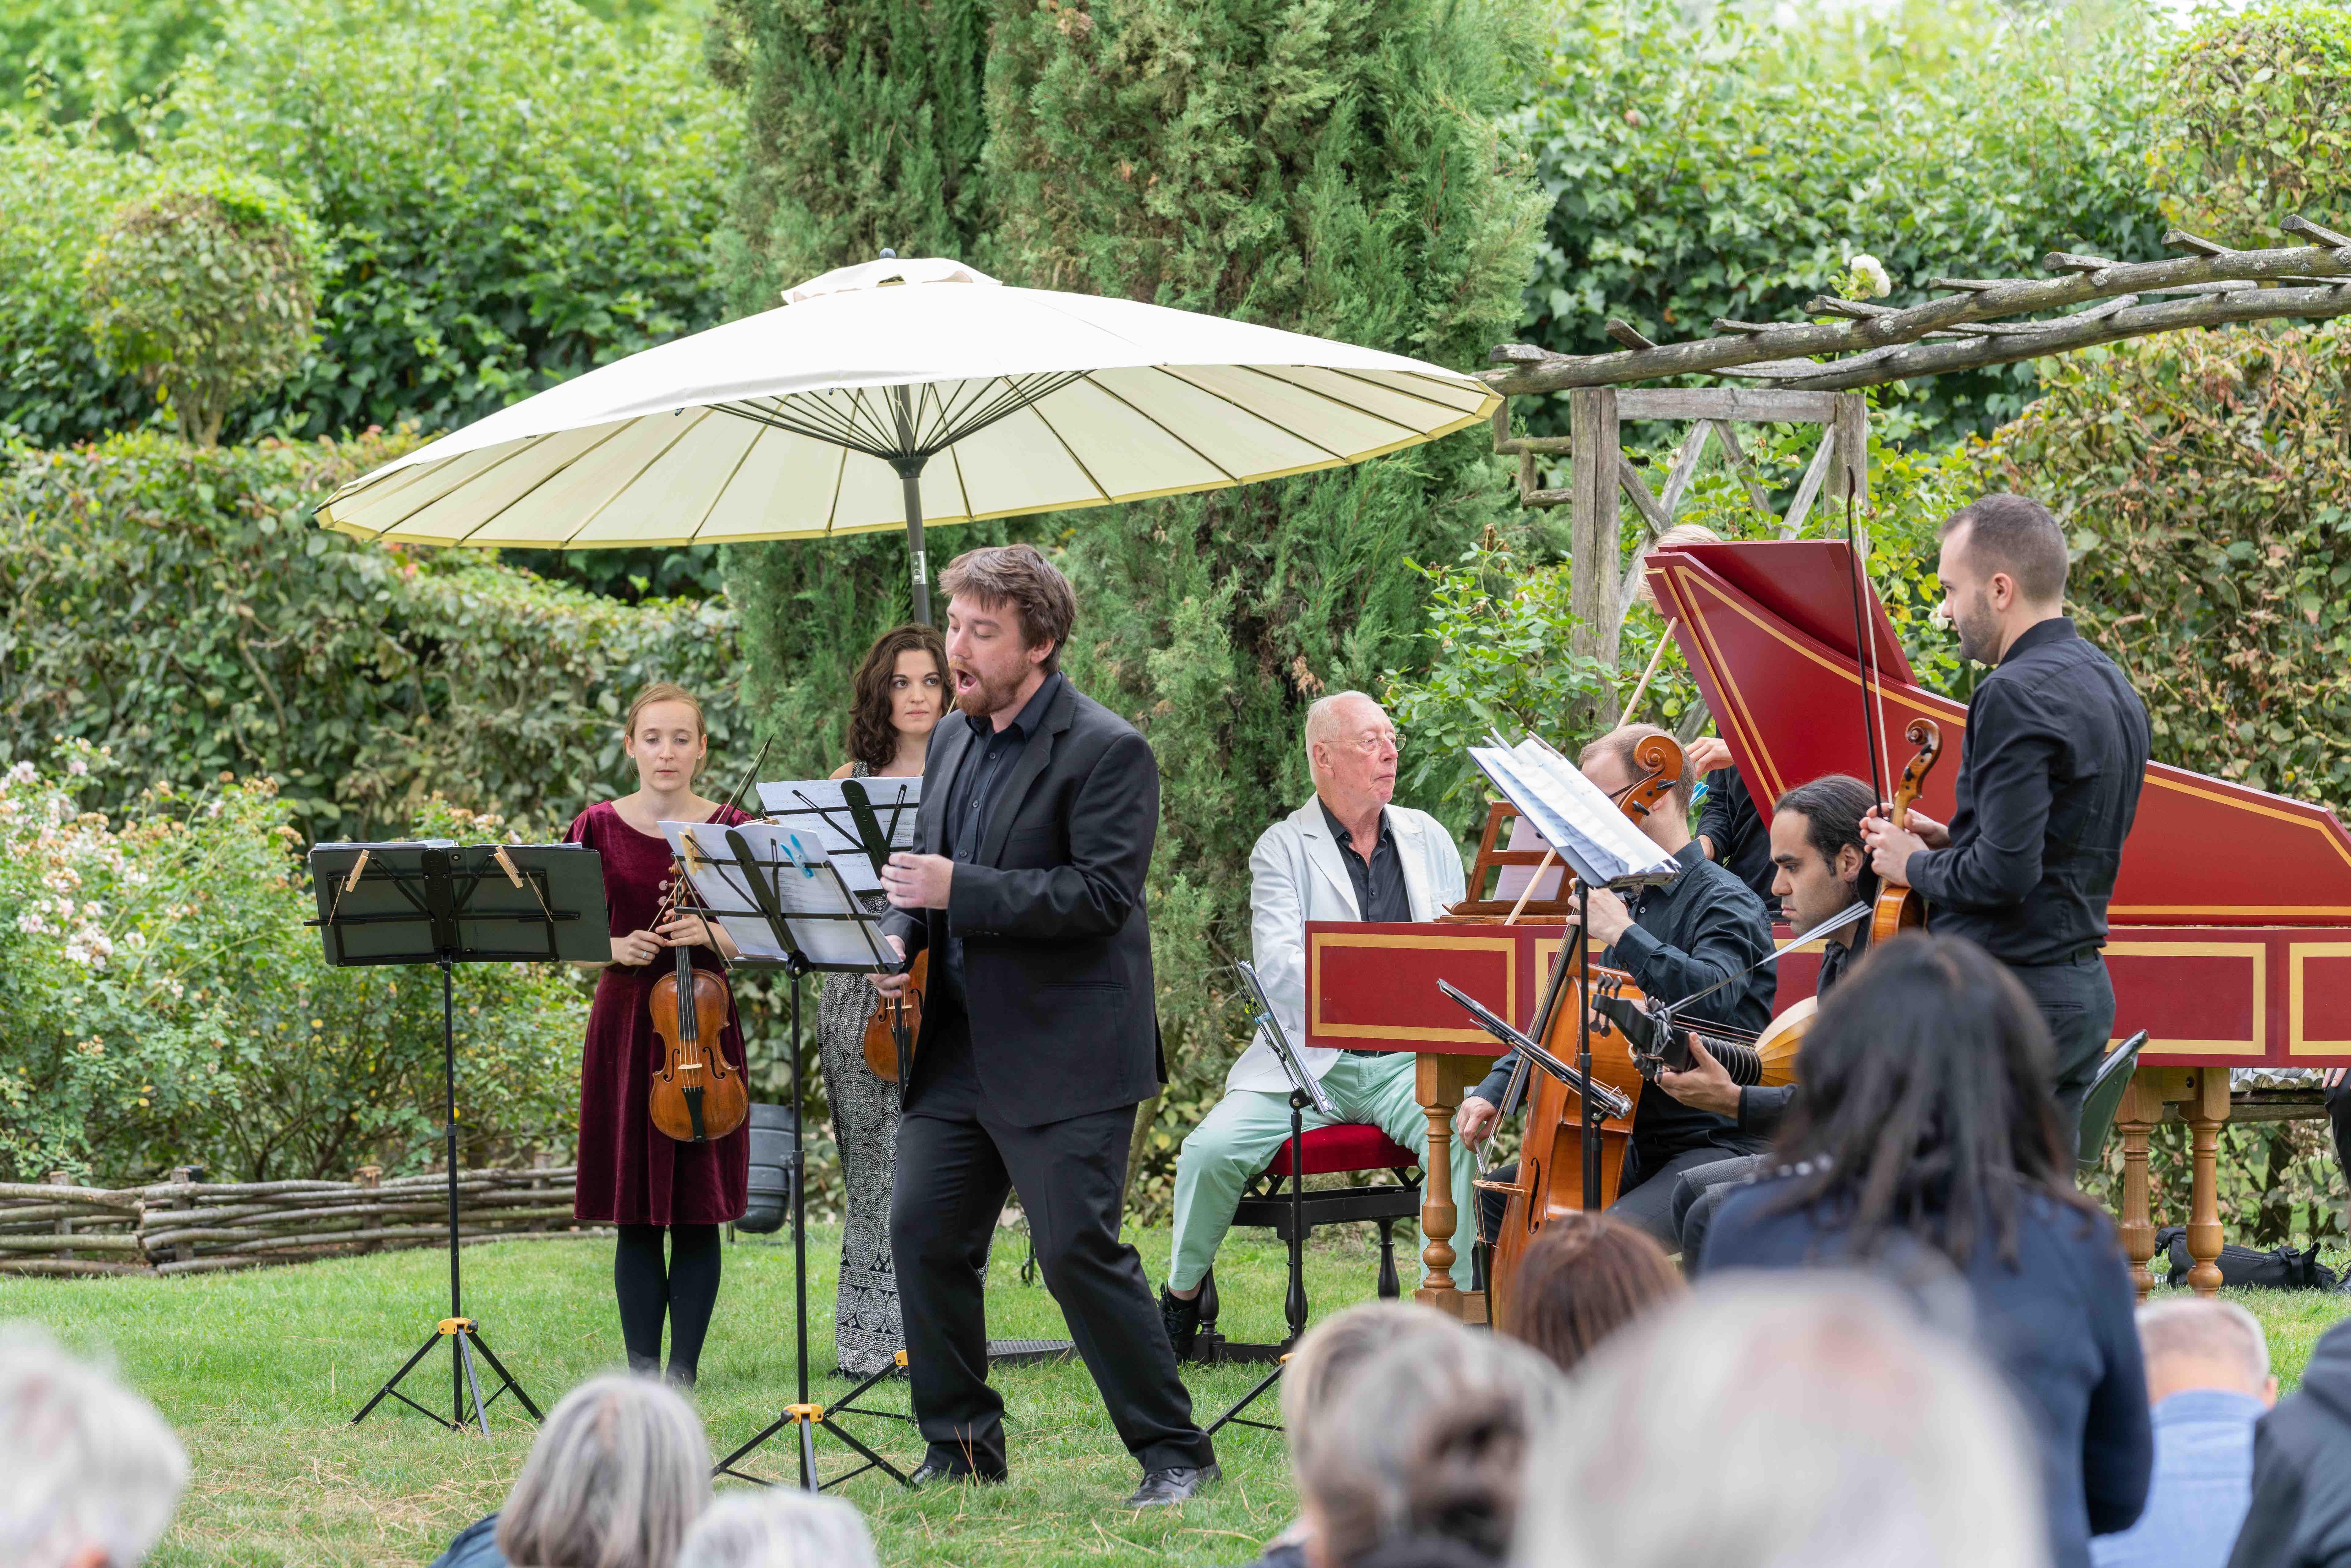 Rencontres musicales dans les jardins de william christie - Festival dans les jardins de william christie ...